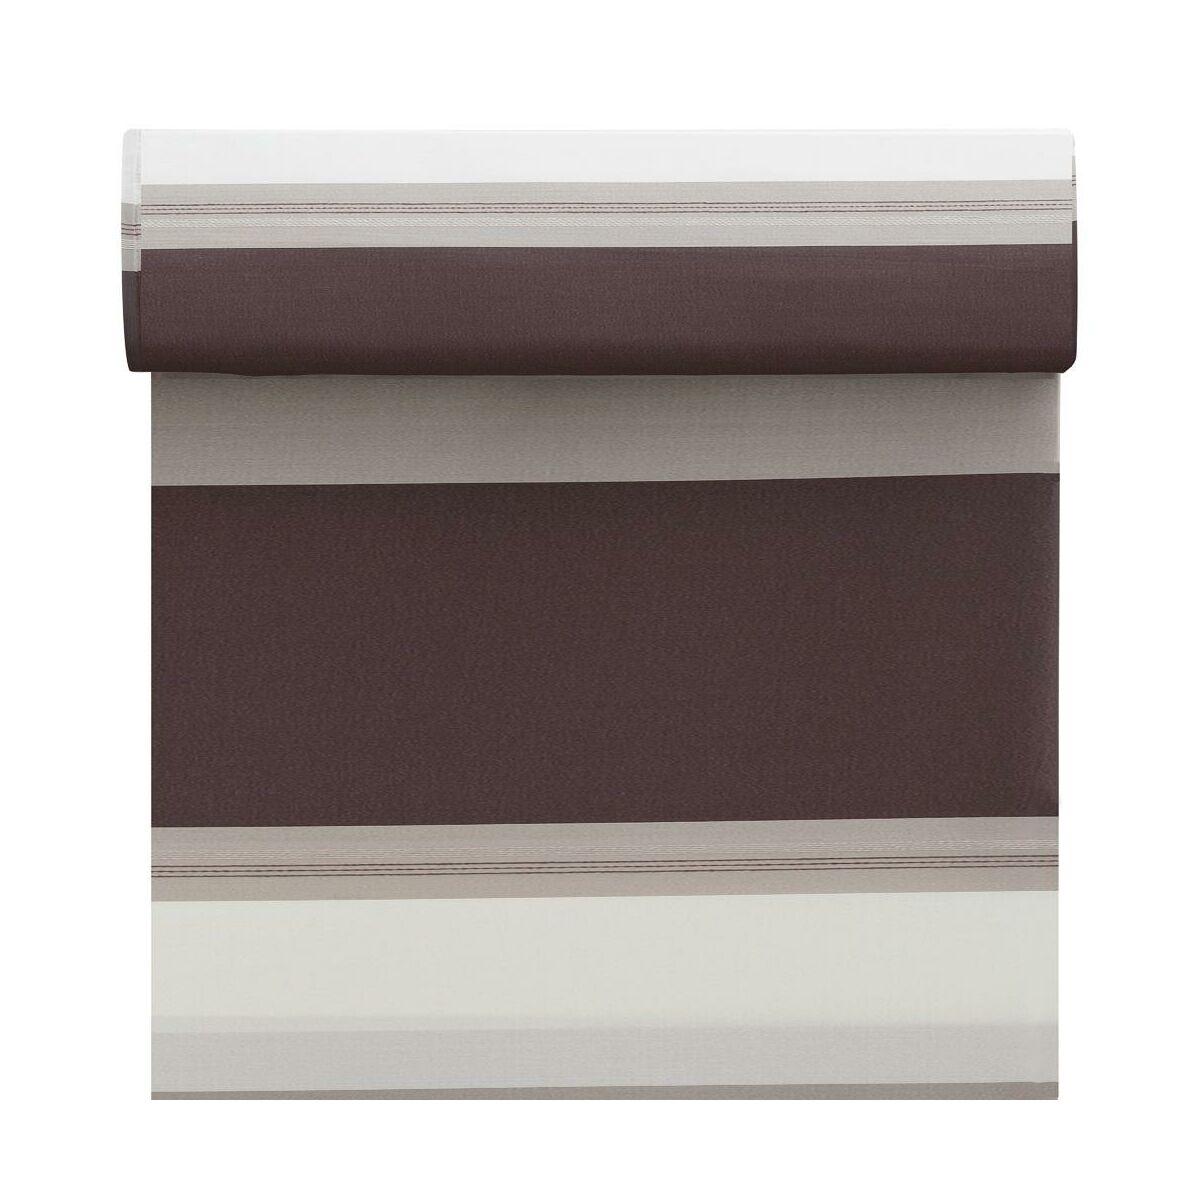 Tkanina smart tkaniny na mb w atrakcyjnej cenie w sklepach leroy merlin - Smart tiles chez leroy merlin ...